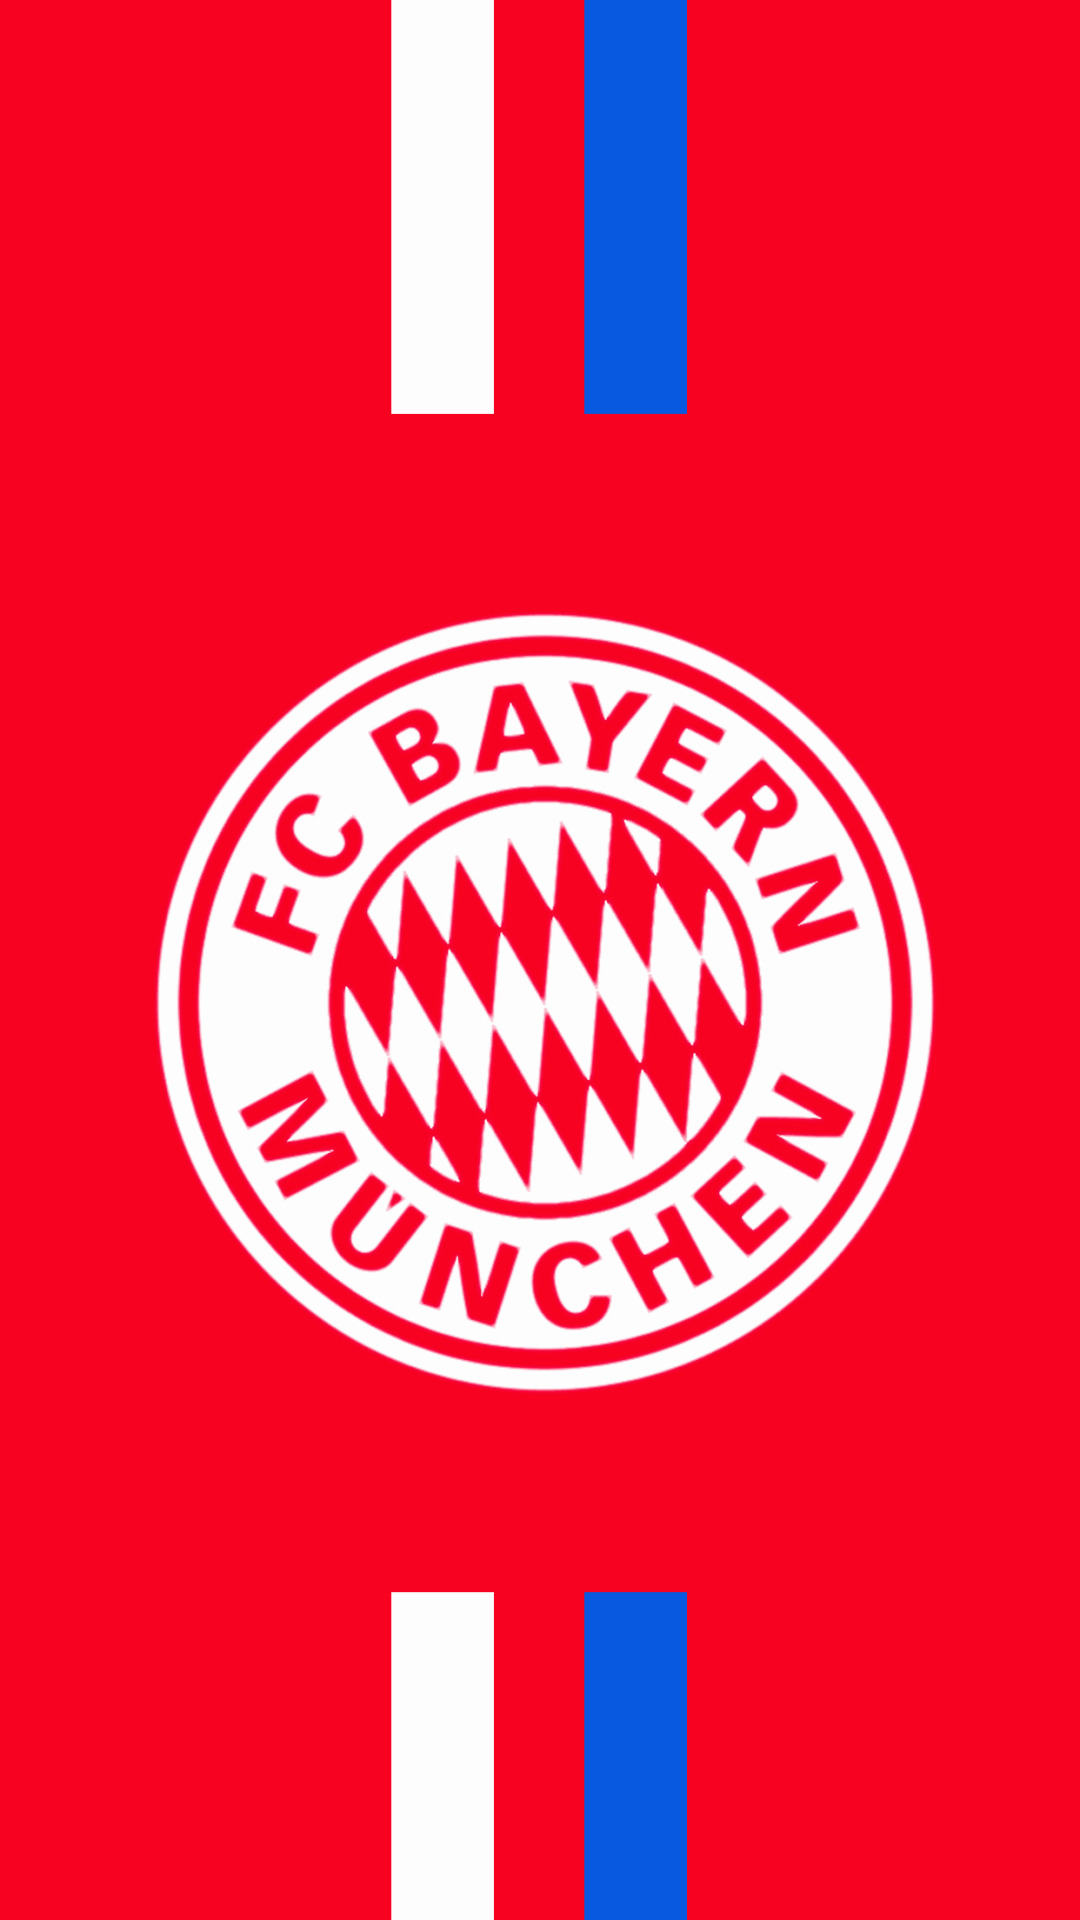 76 Bayern Munich Wallpapers On Wallpapersafari